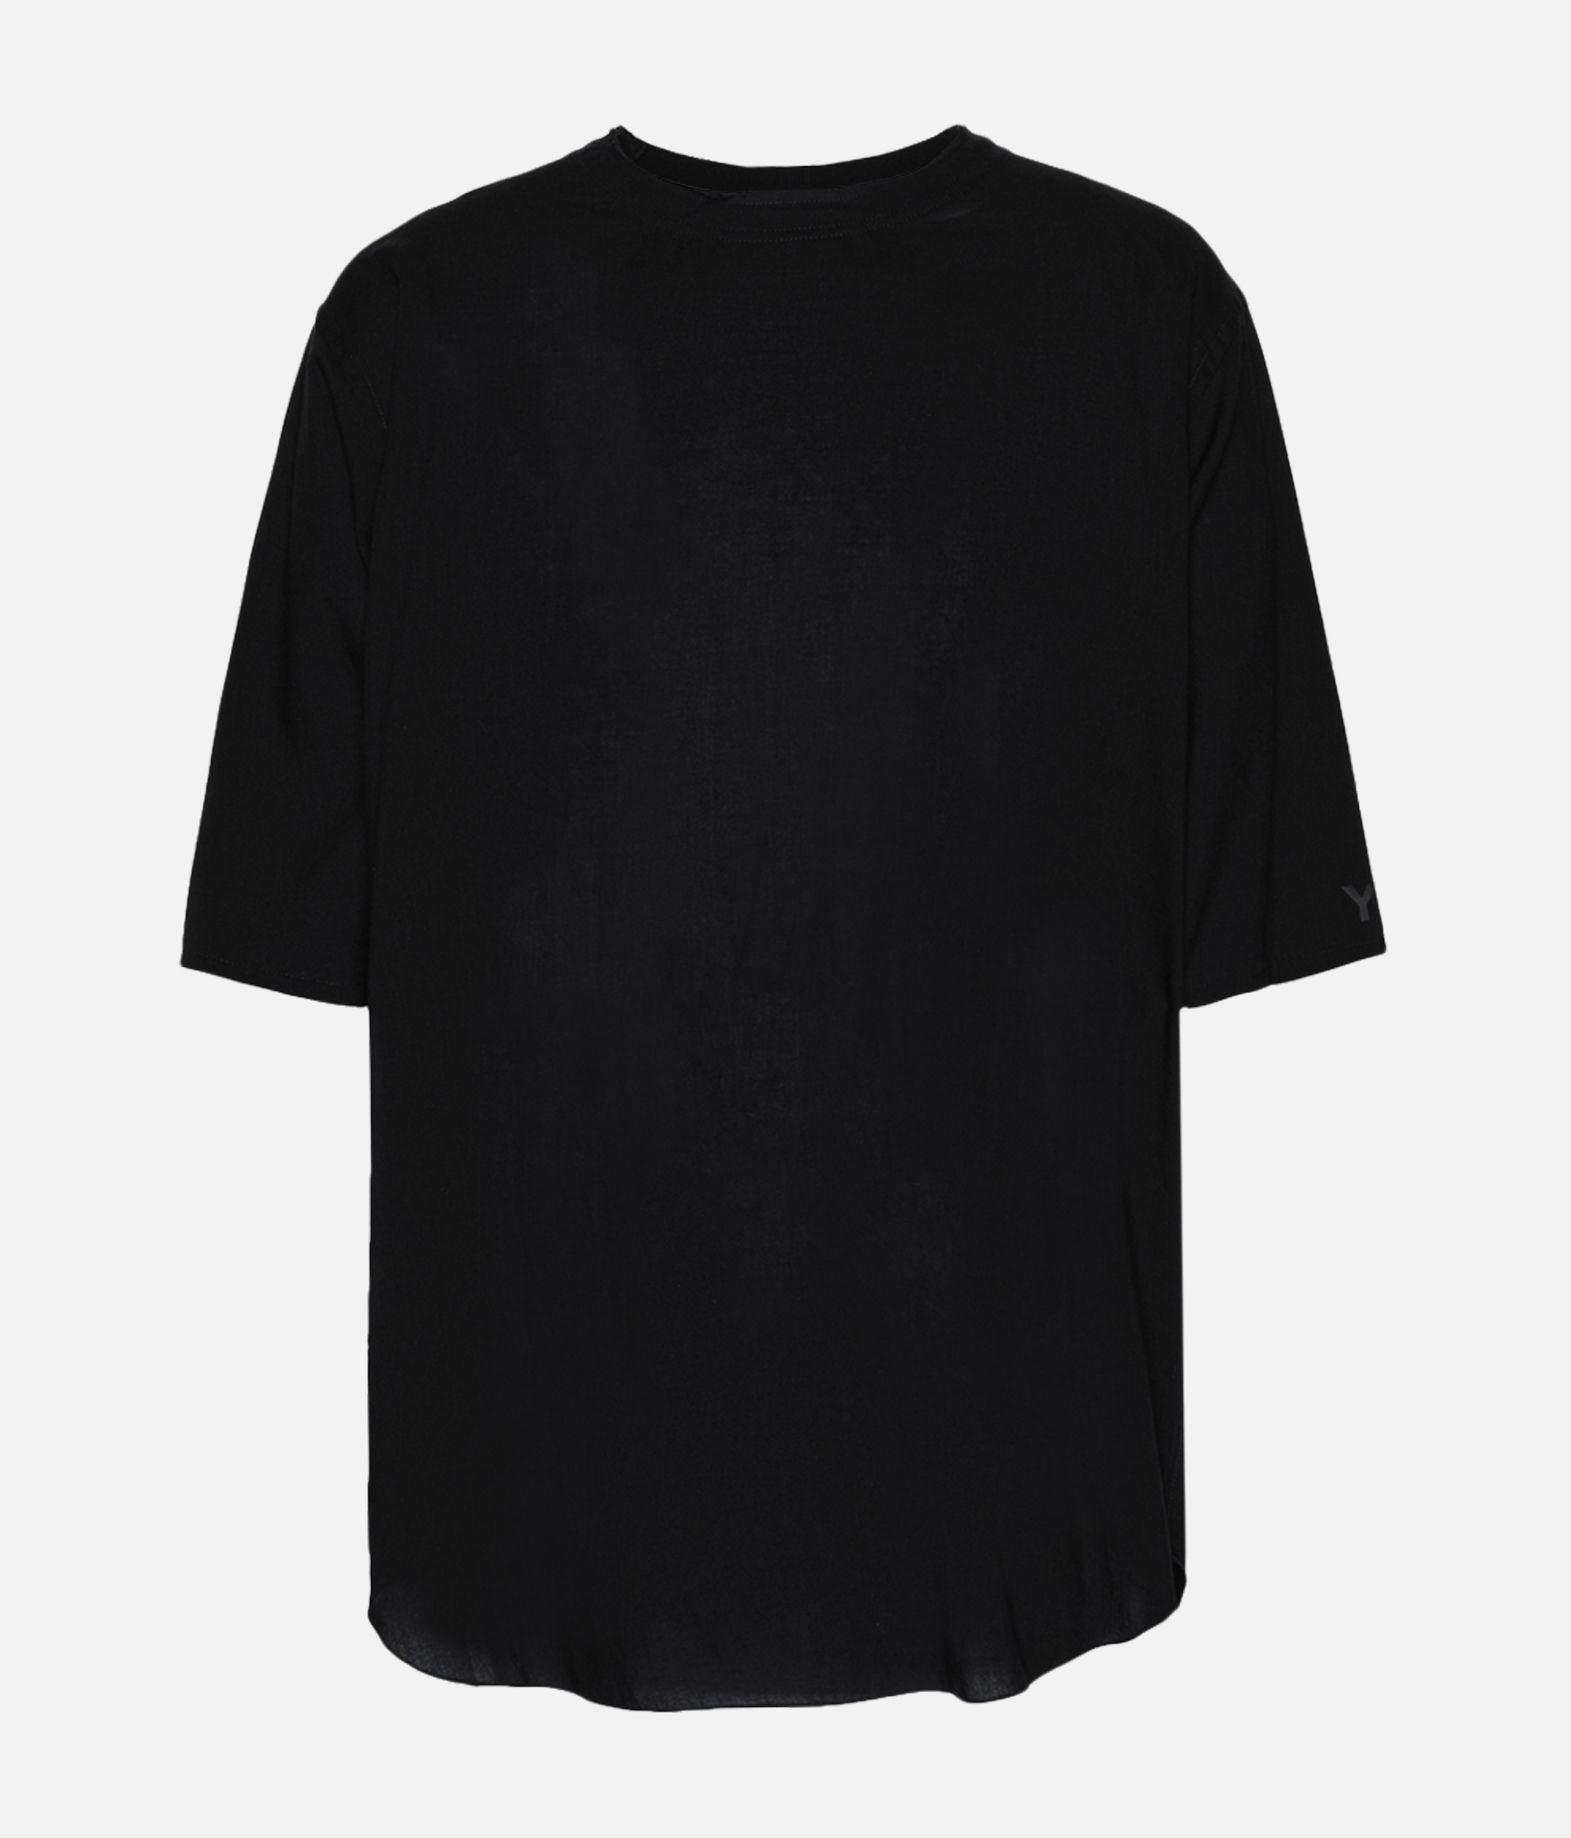 Y-3 Y-3 Long Tee  Kurzärmliges T-shirt Herren f